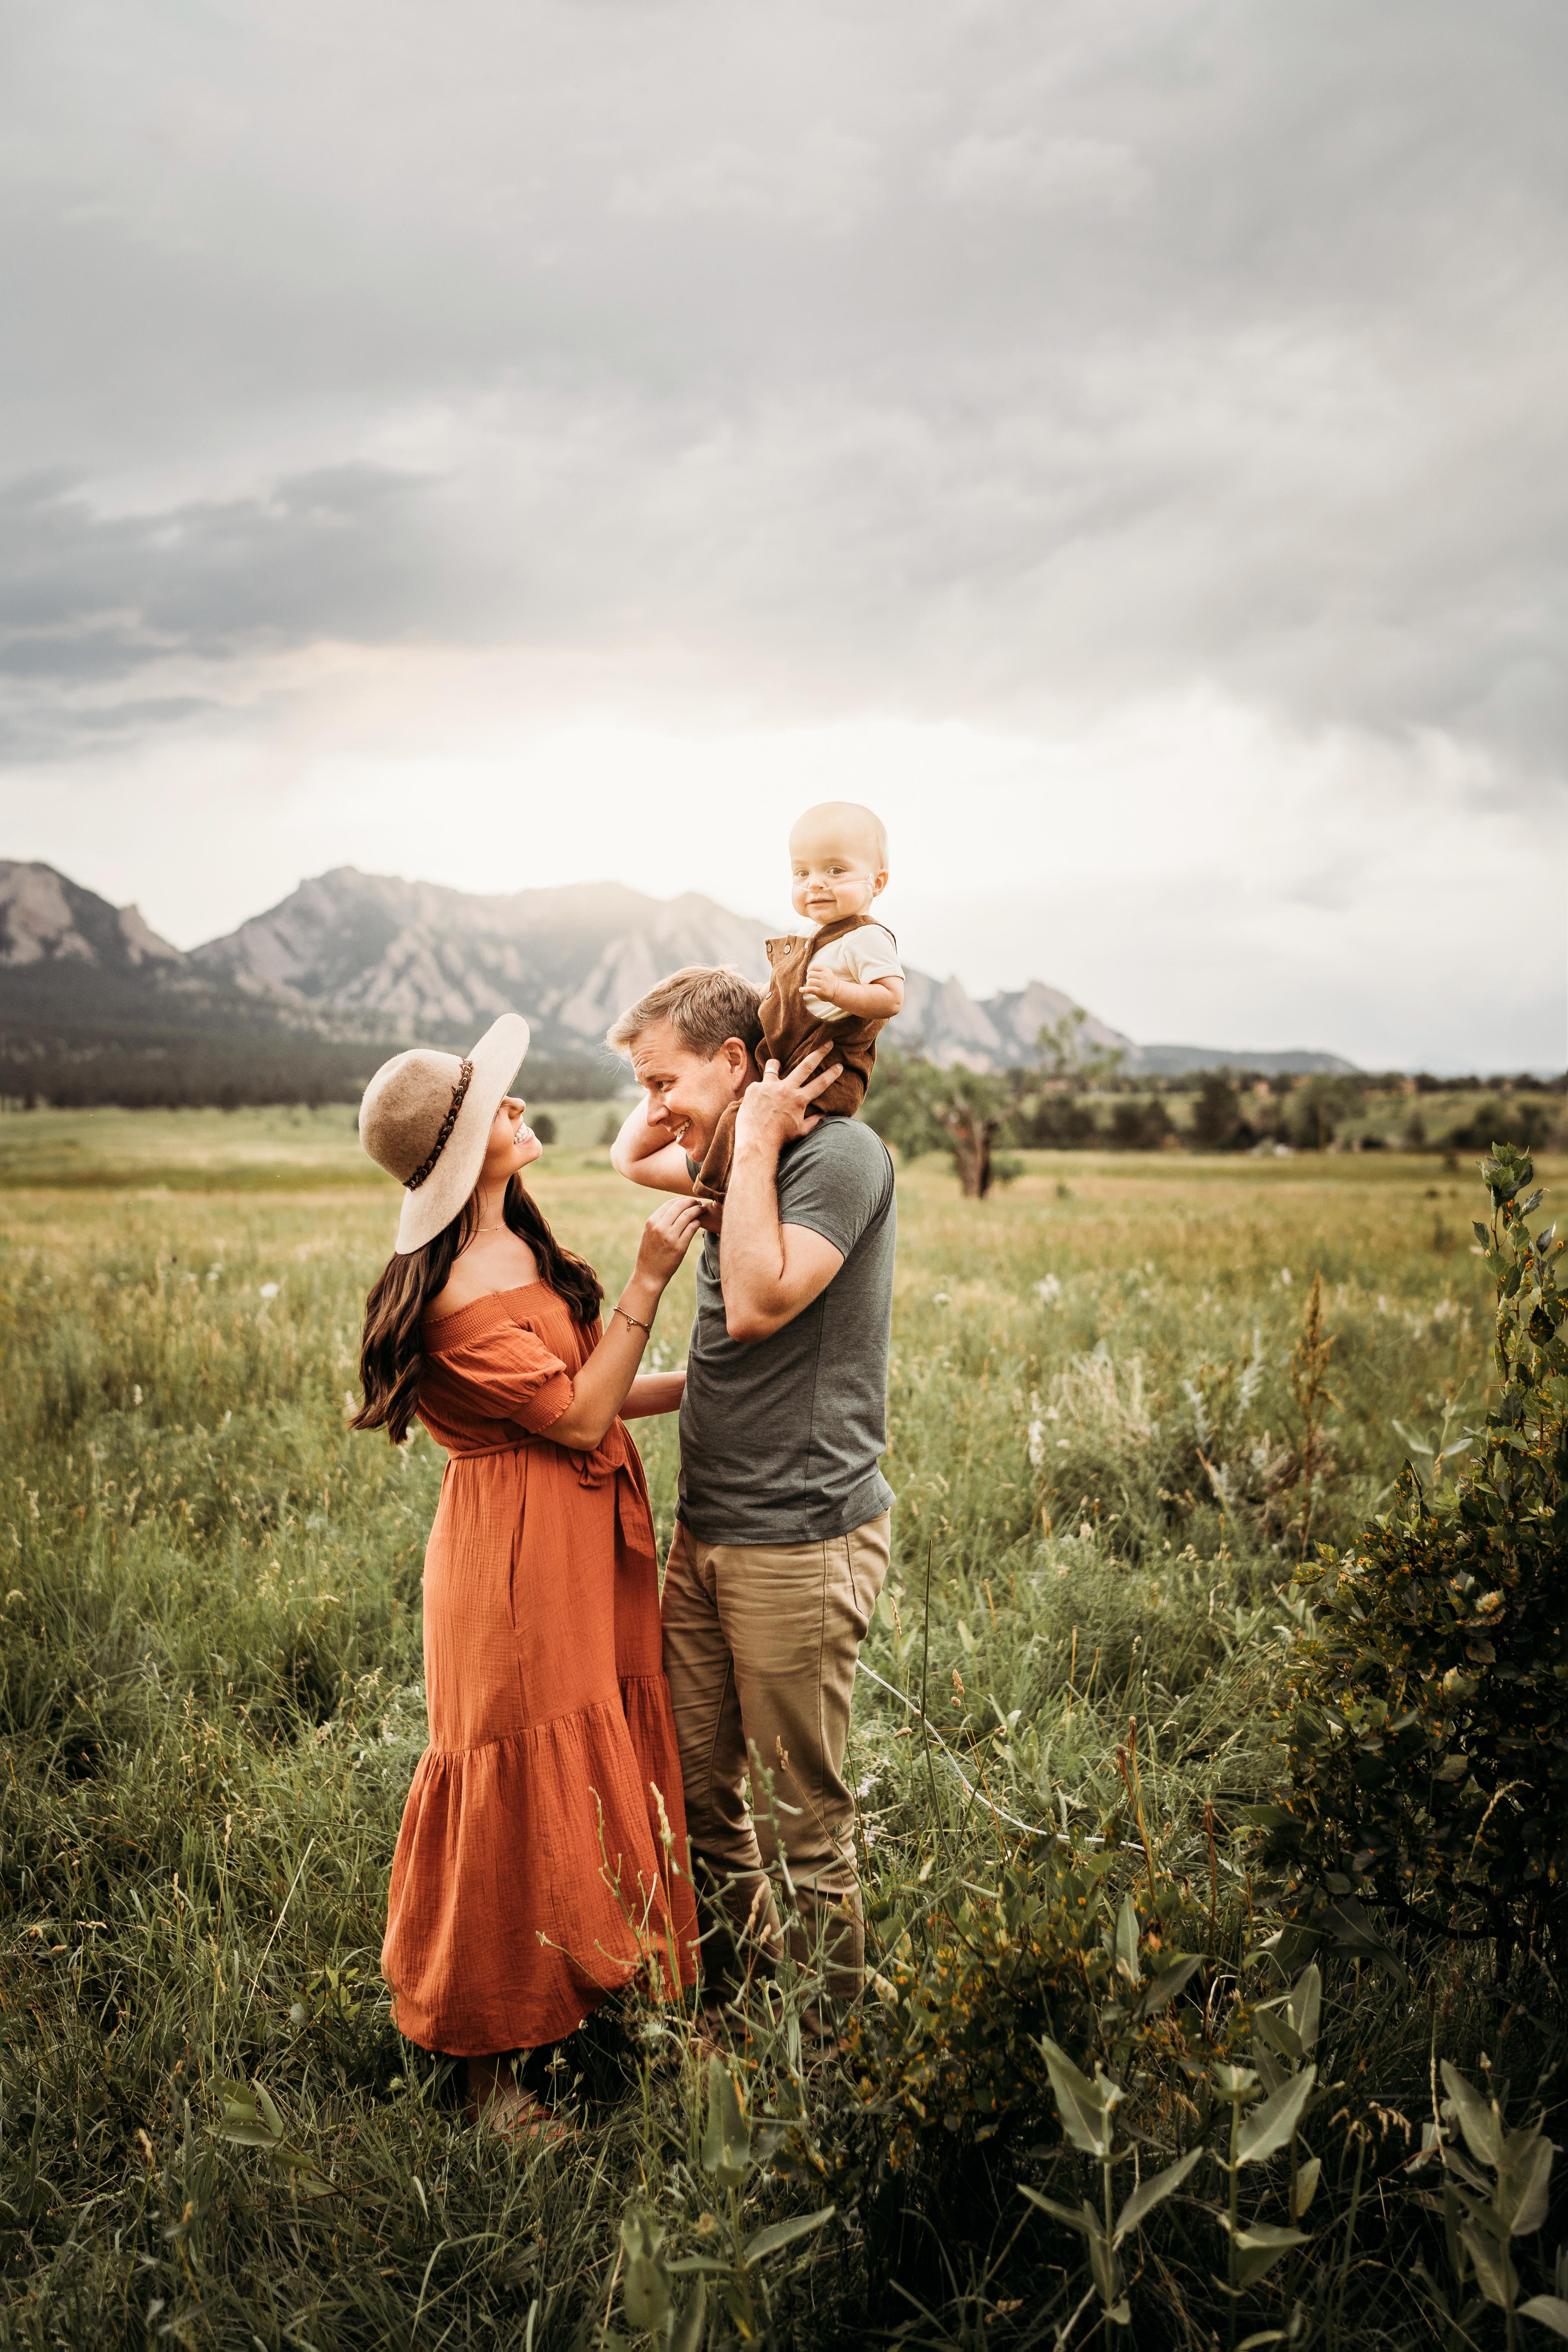 alex morris design denver colorado family photographer mountains and cows